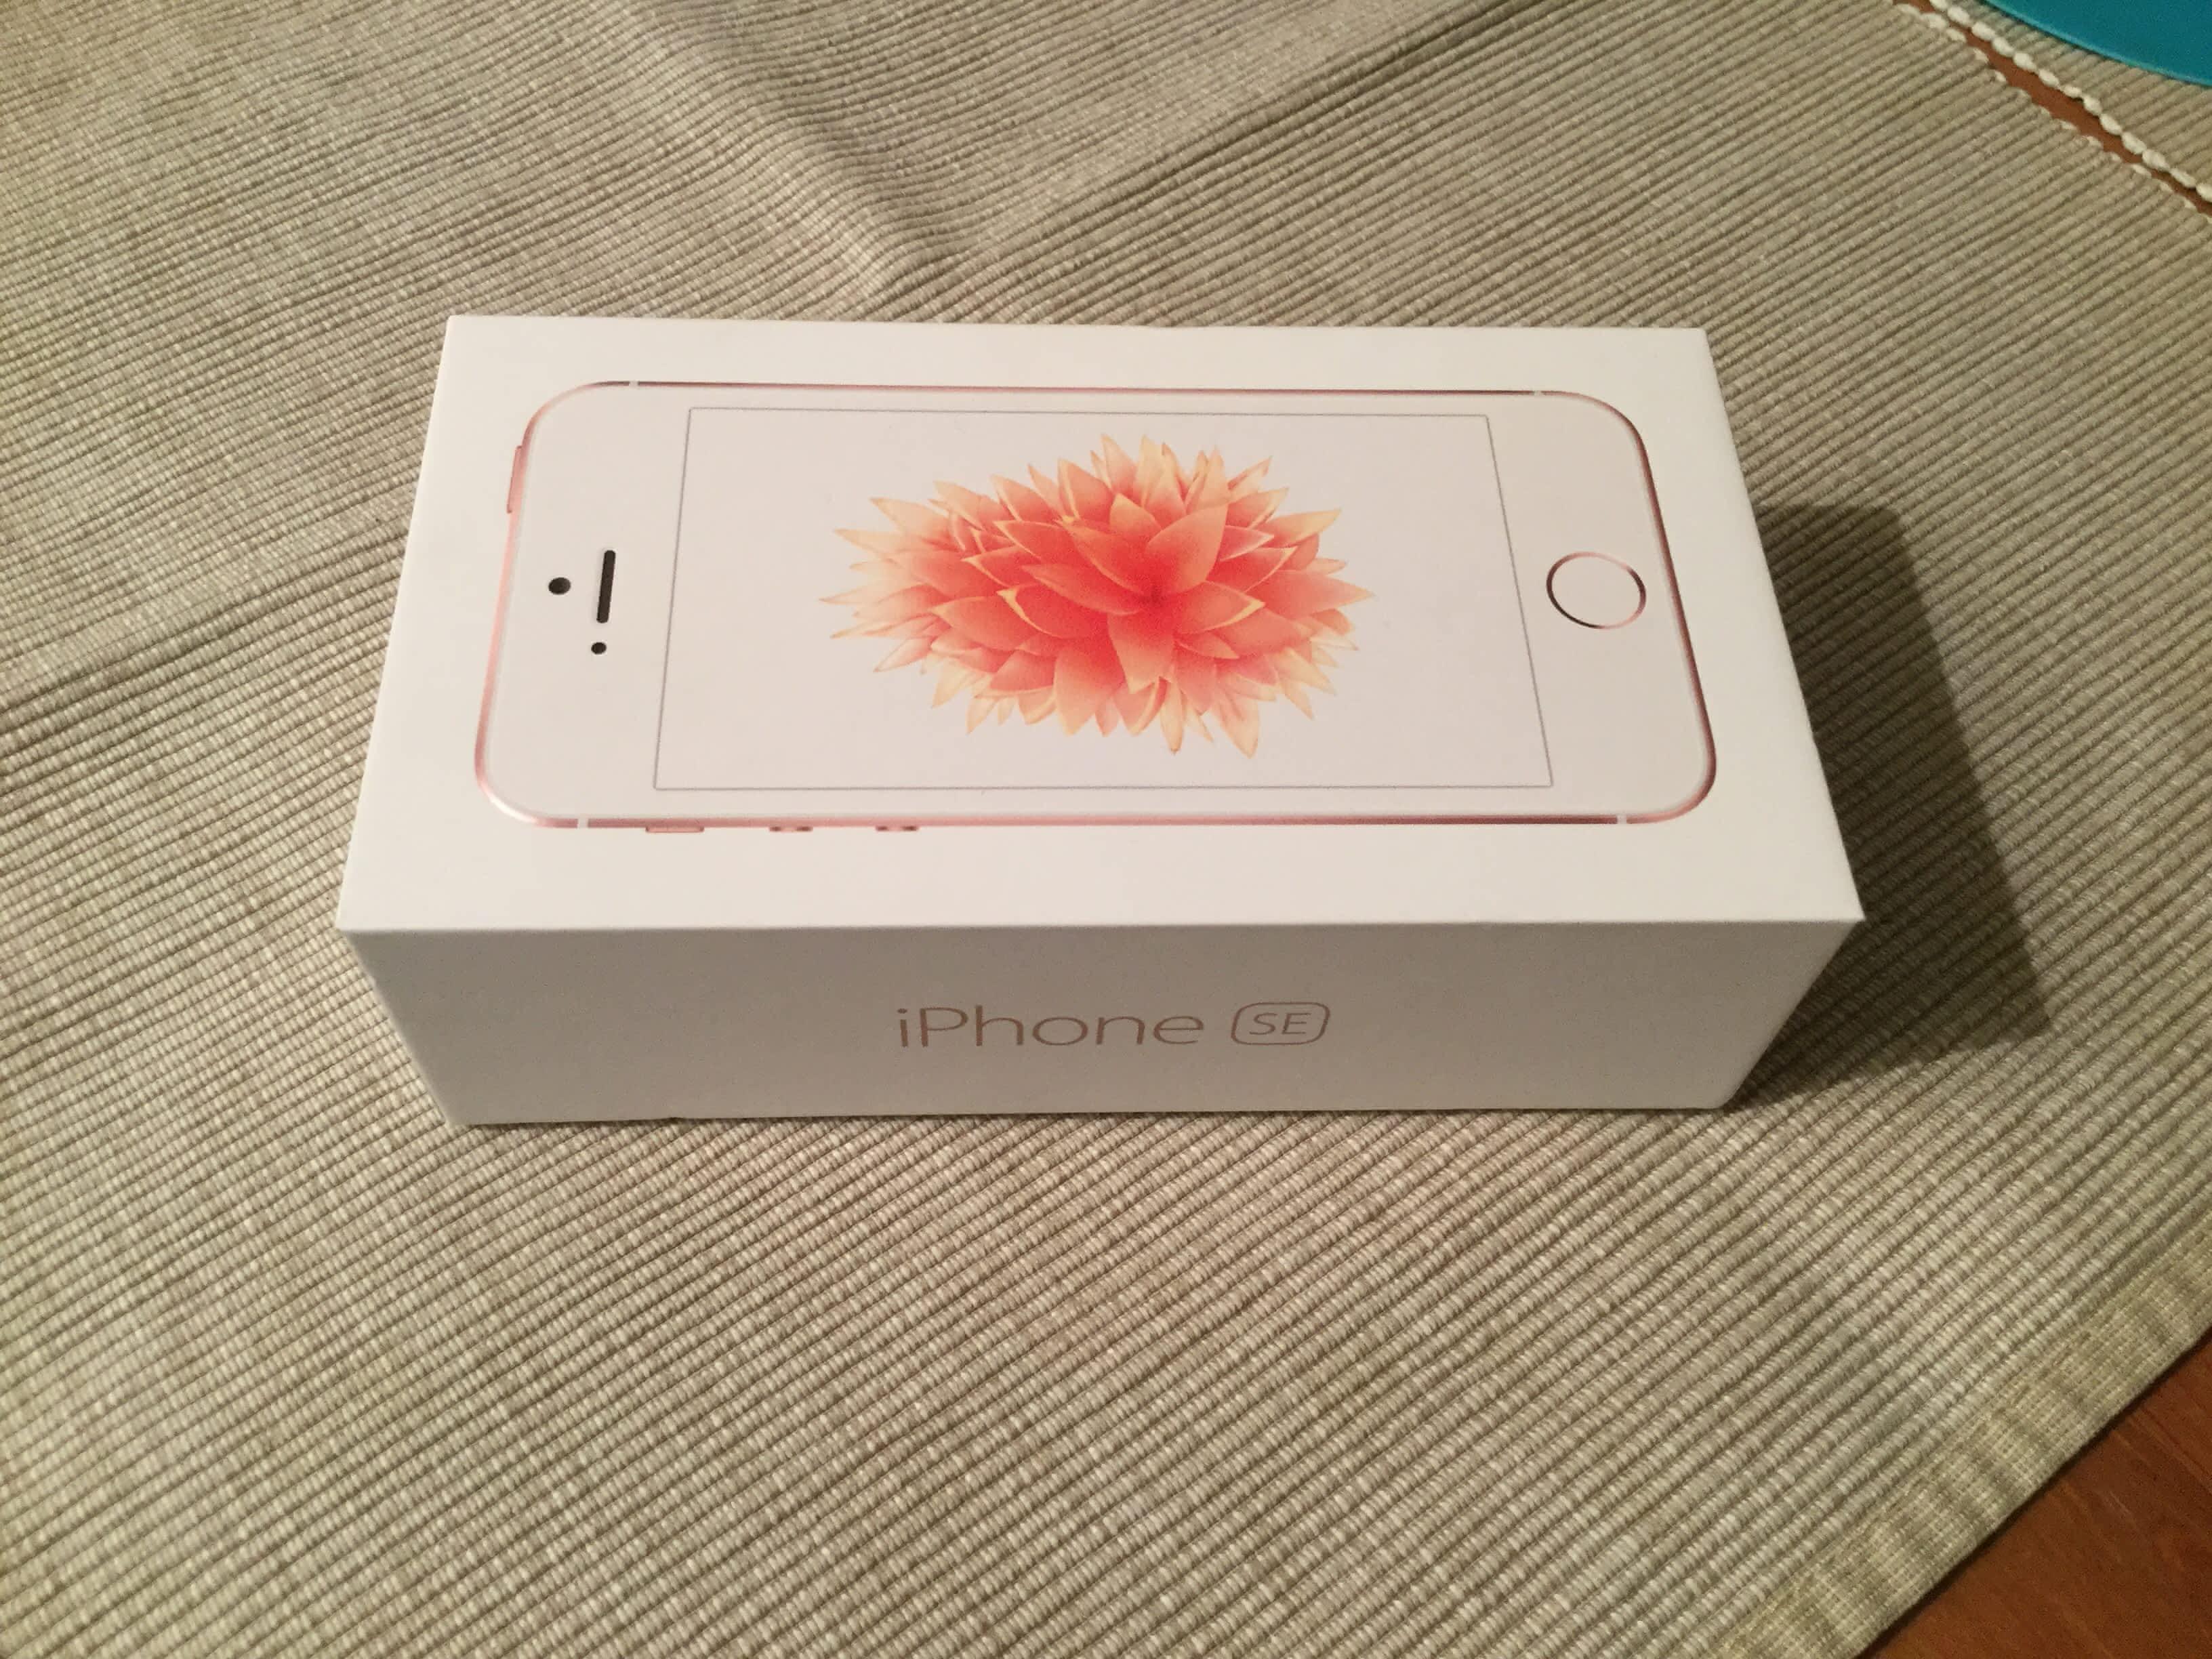 iphone se 16g rose gold apple bazar. Black Bedroom Furniture Sets. Home Design Ideas